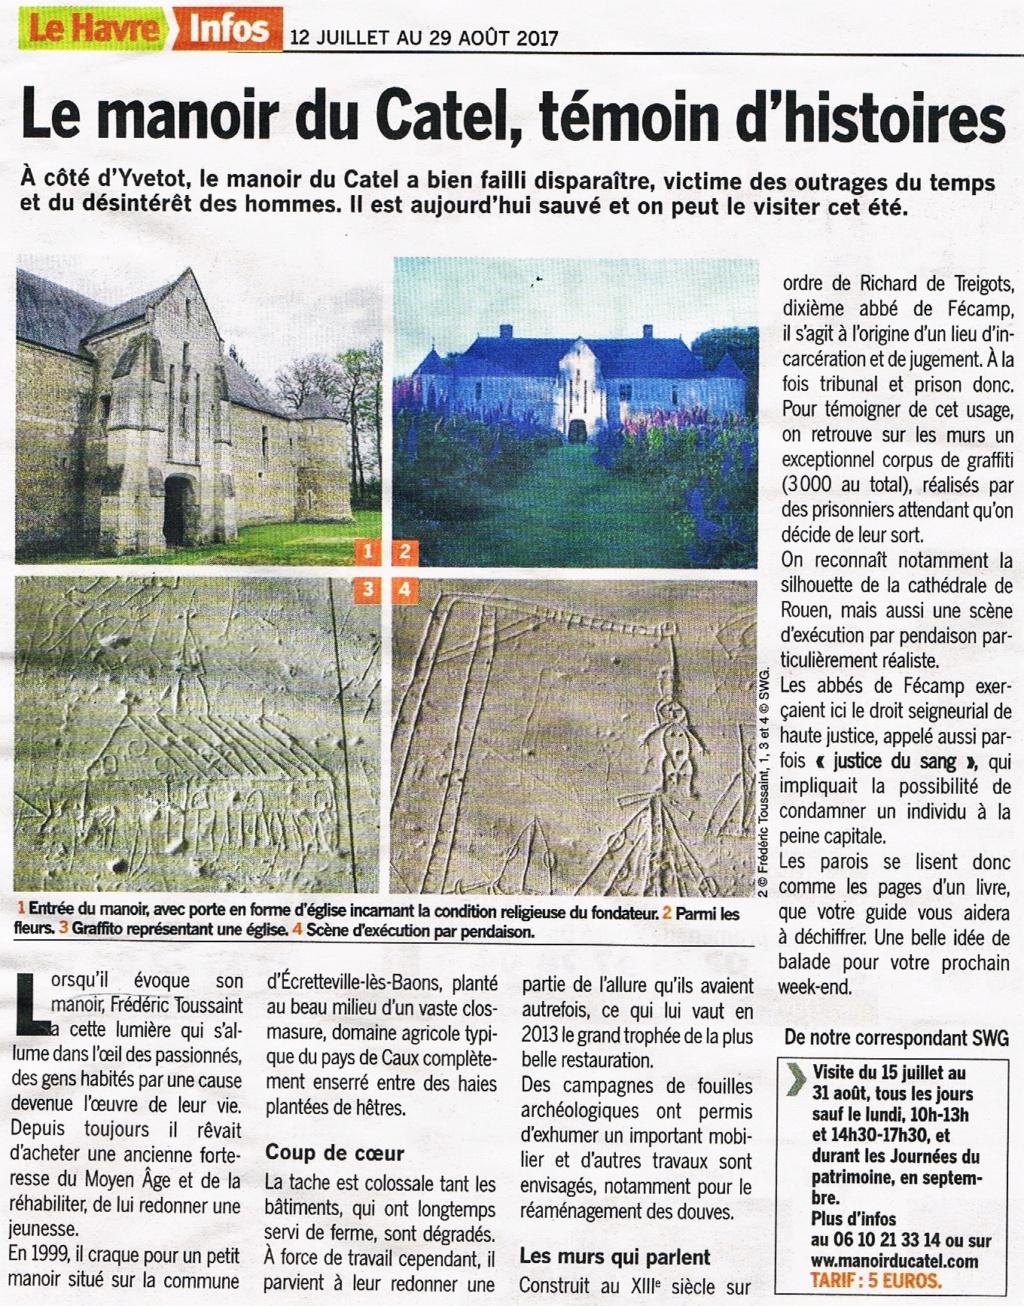 Ecretteville-lès-Baons - Le manoir du Catel 2017-036